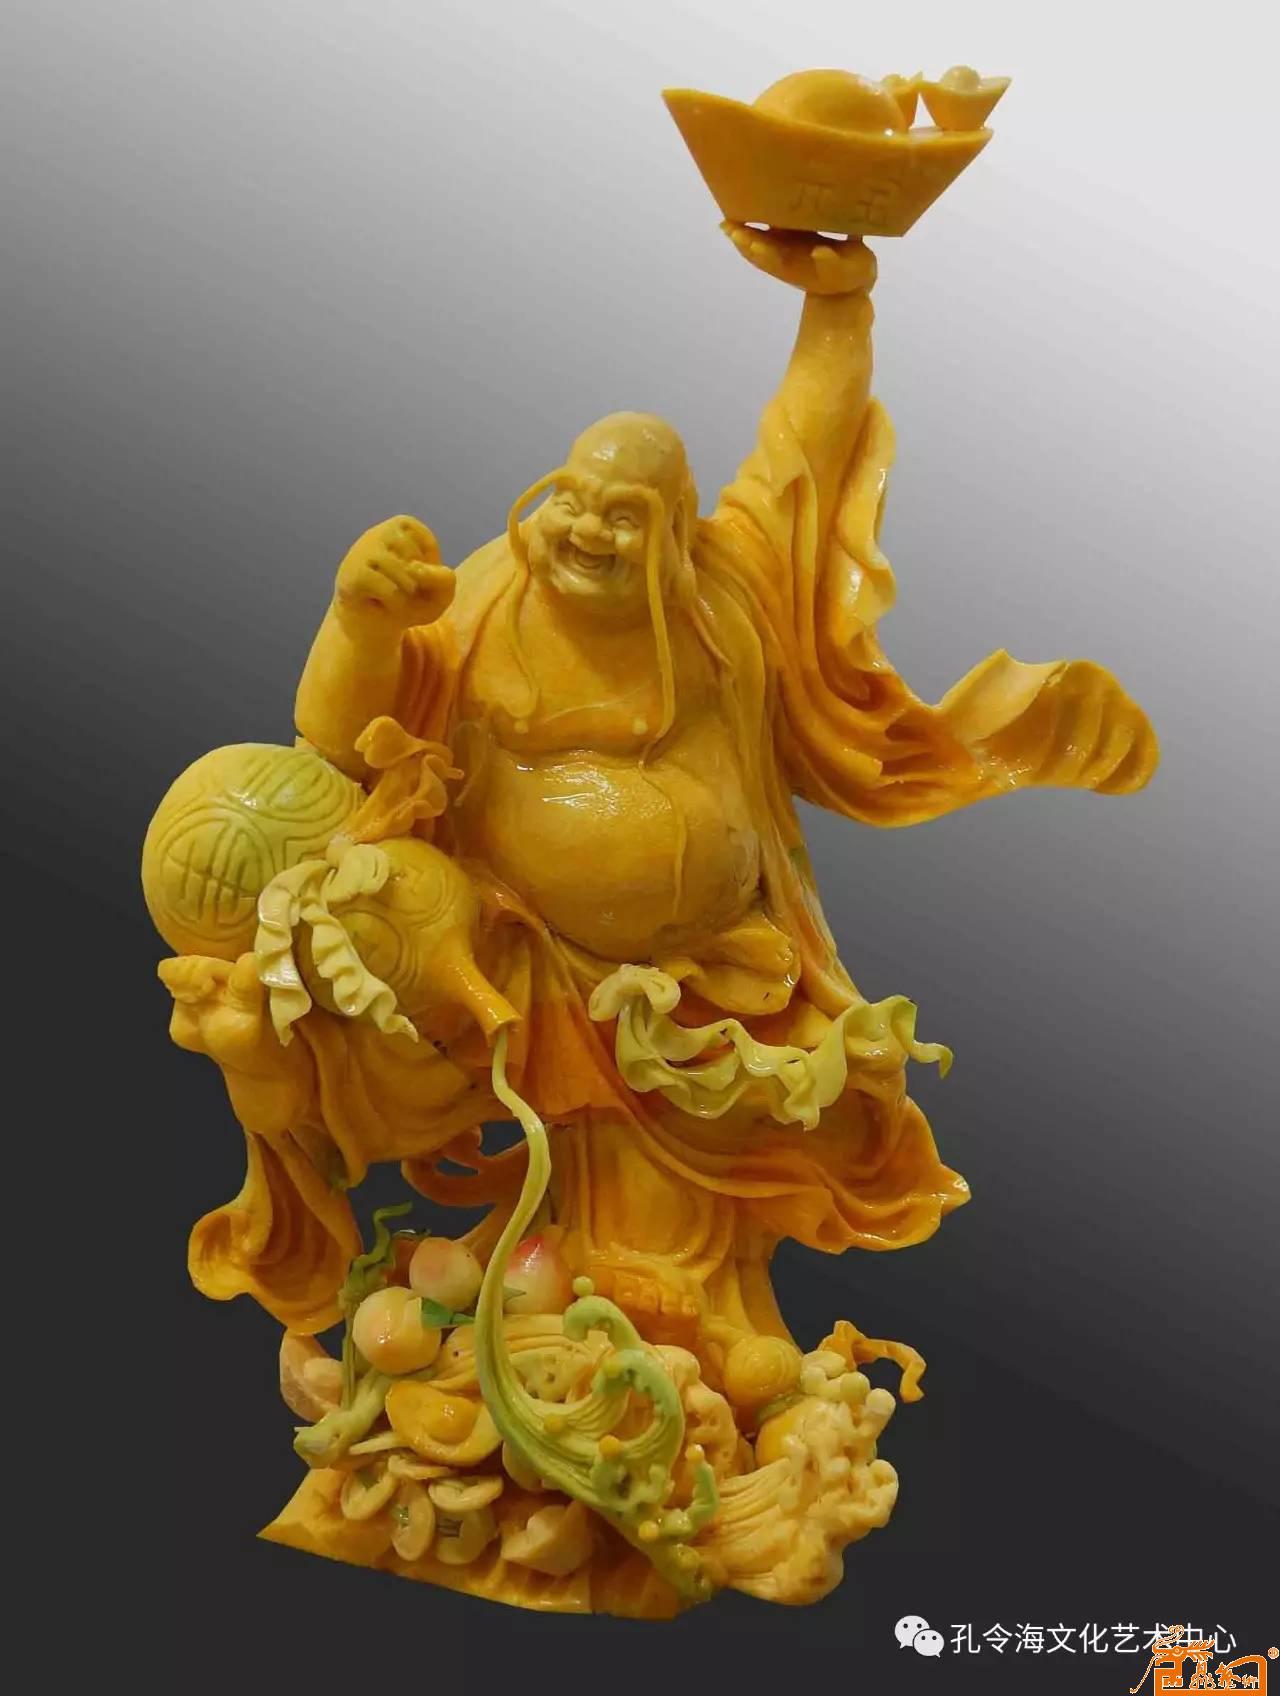 名家 孔令海 国画 - 食品雕刻人物作品:《弥勒献宝》 原料:南瓜